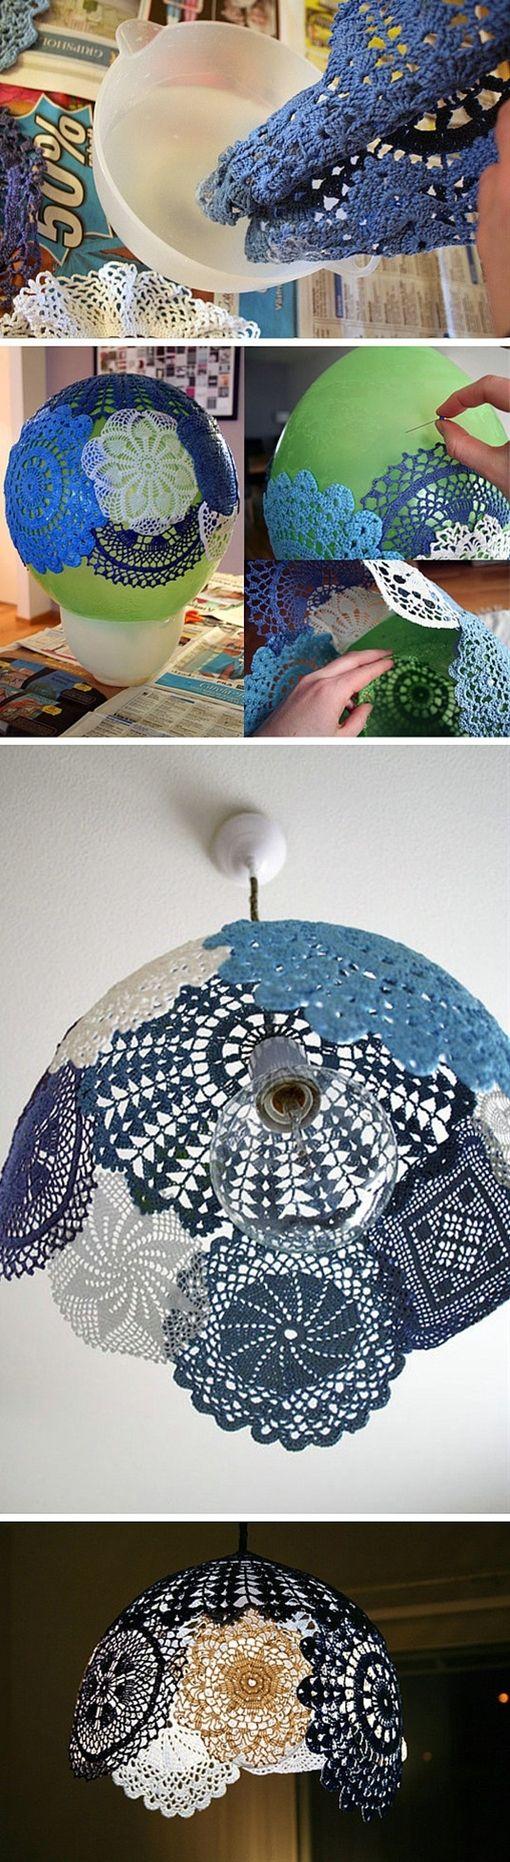 Cogeremos telas con diferentes formas y dibujos. Los estamparemos en cartulinas creando un collage. lampara